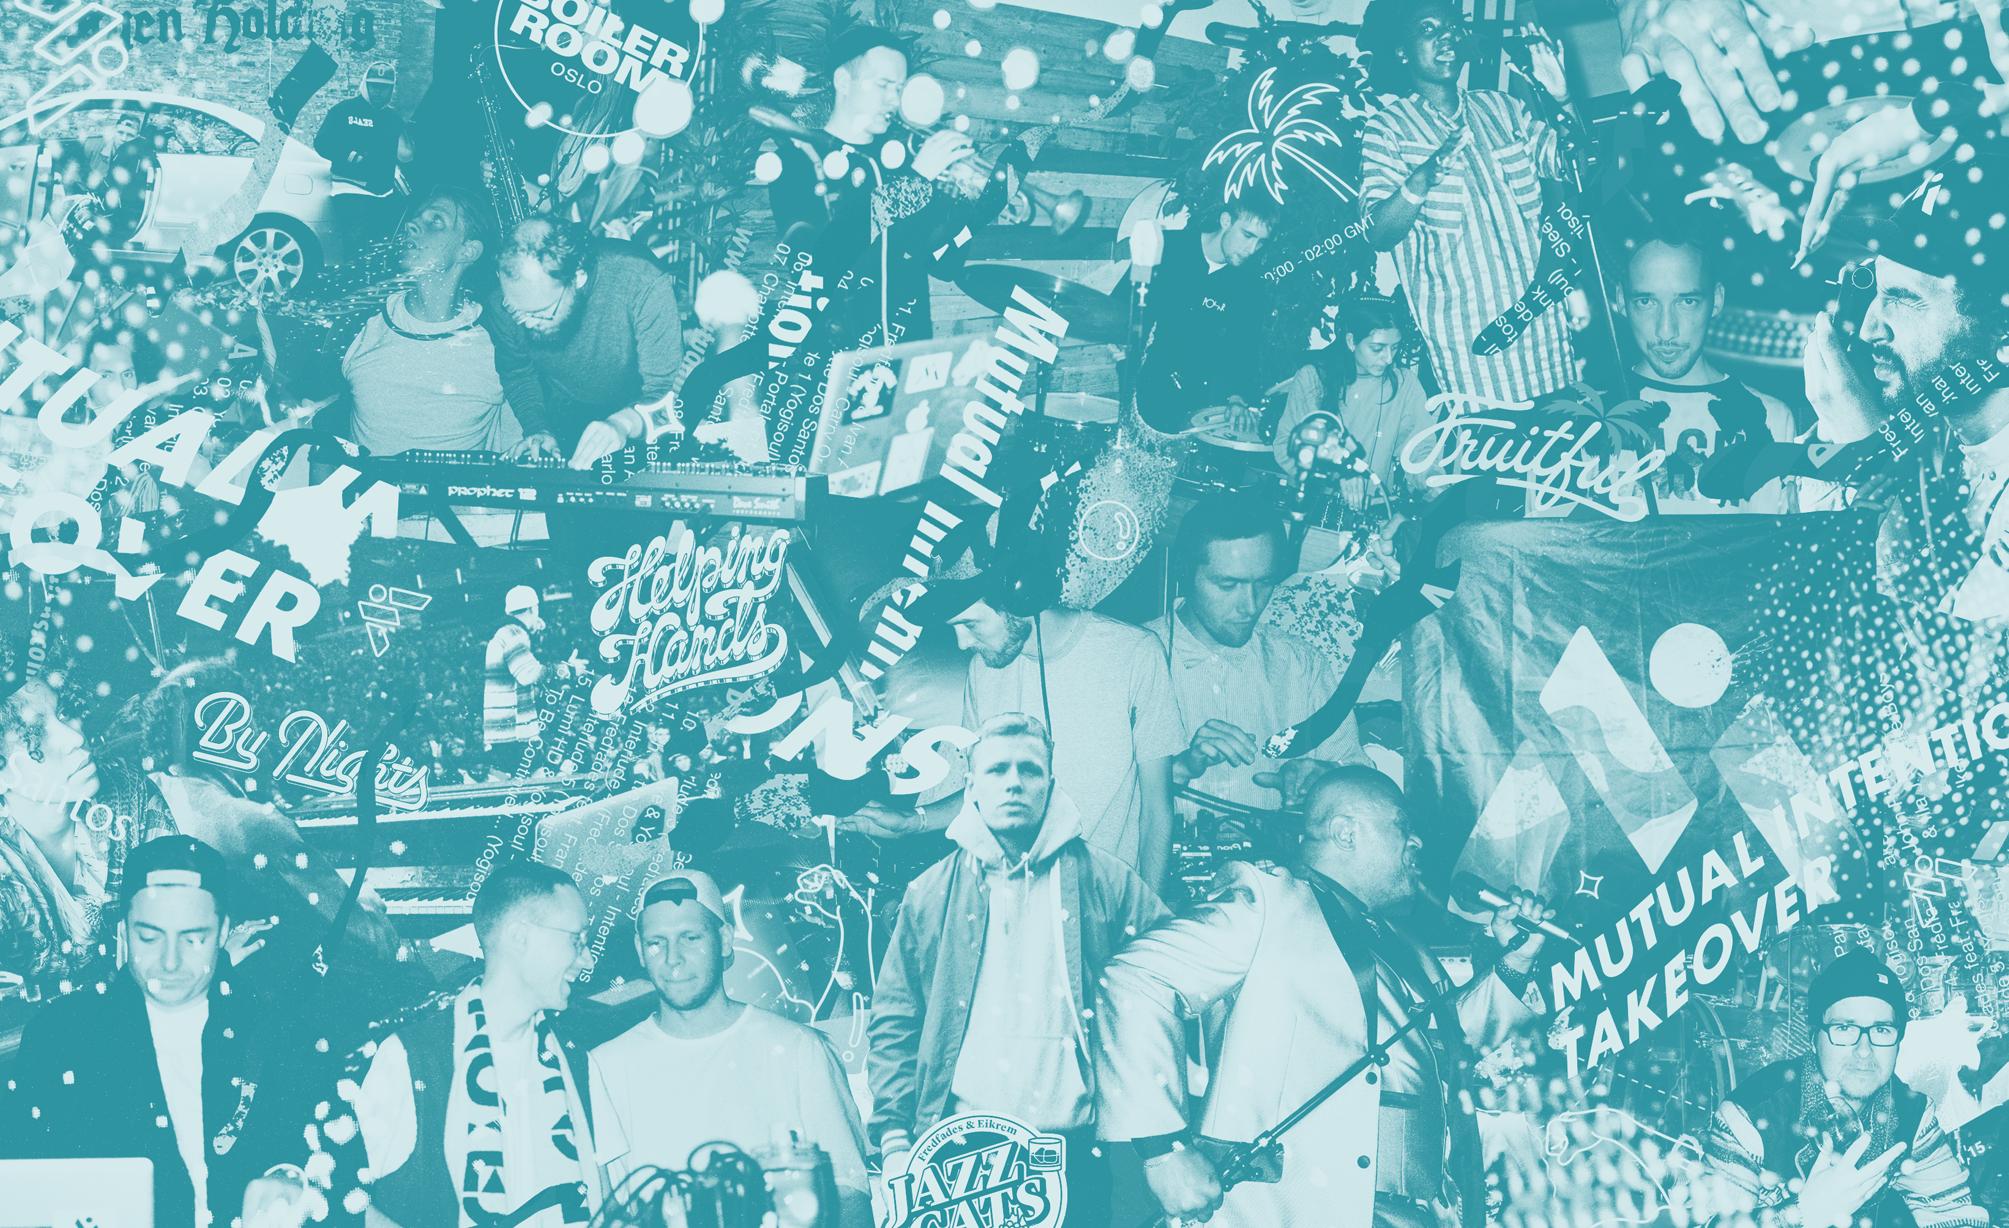 Collage by Hans Jørgen Wærner